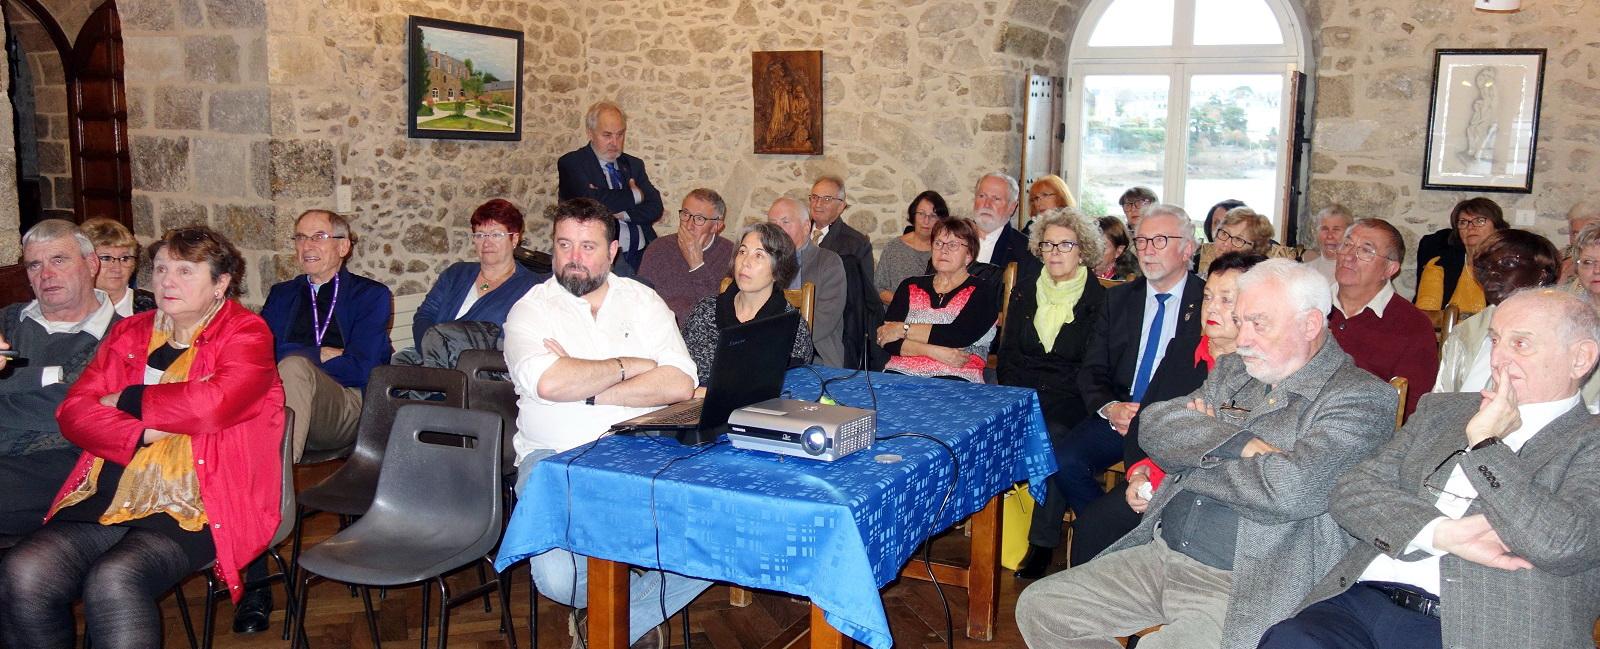 Les arpètes Bretons fêtent la Saint Eloi 7